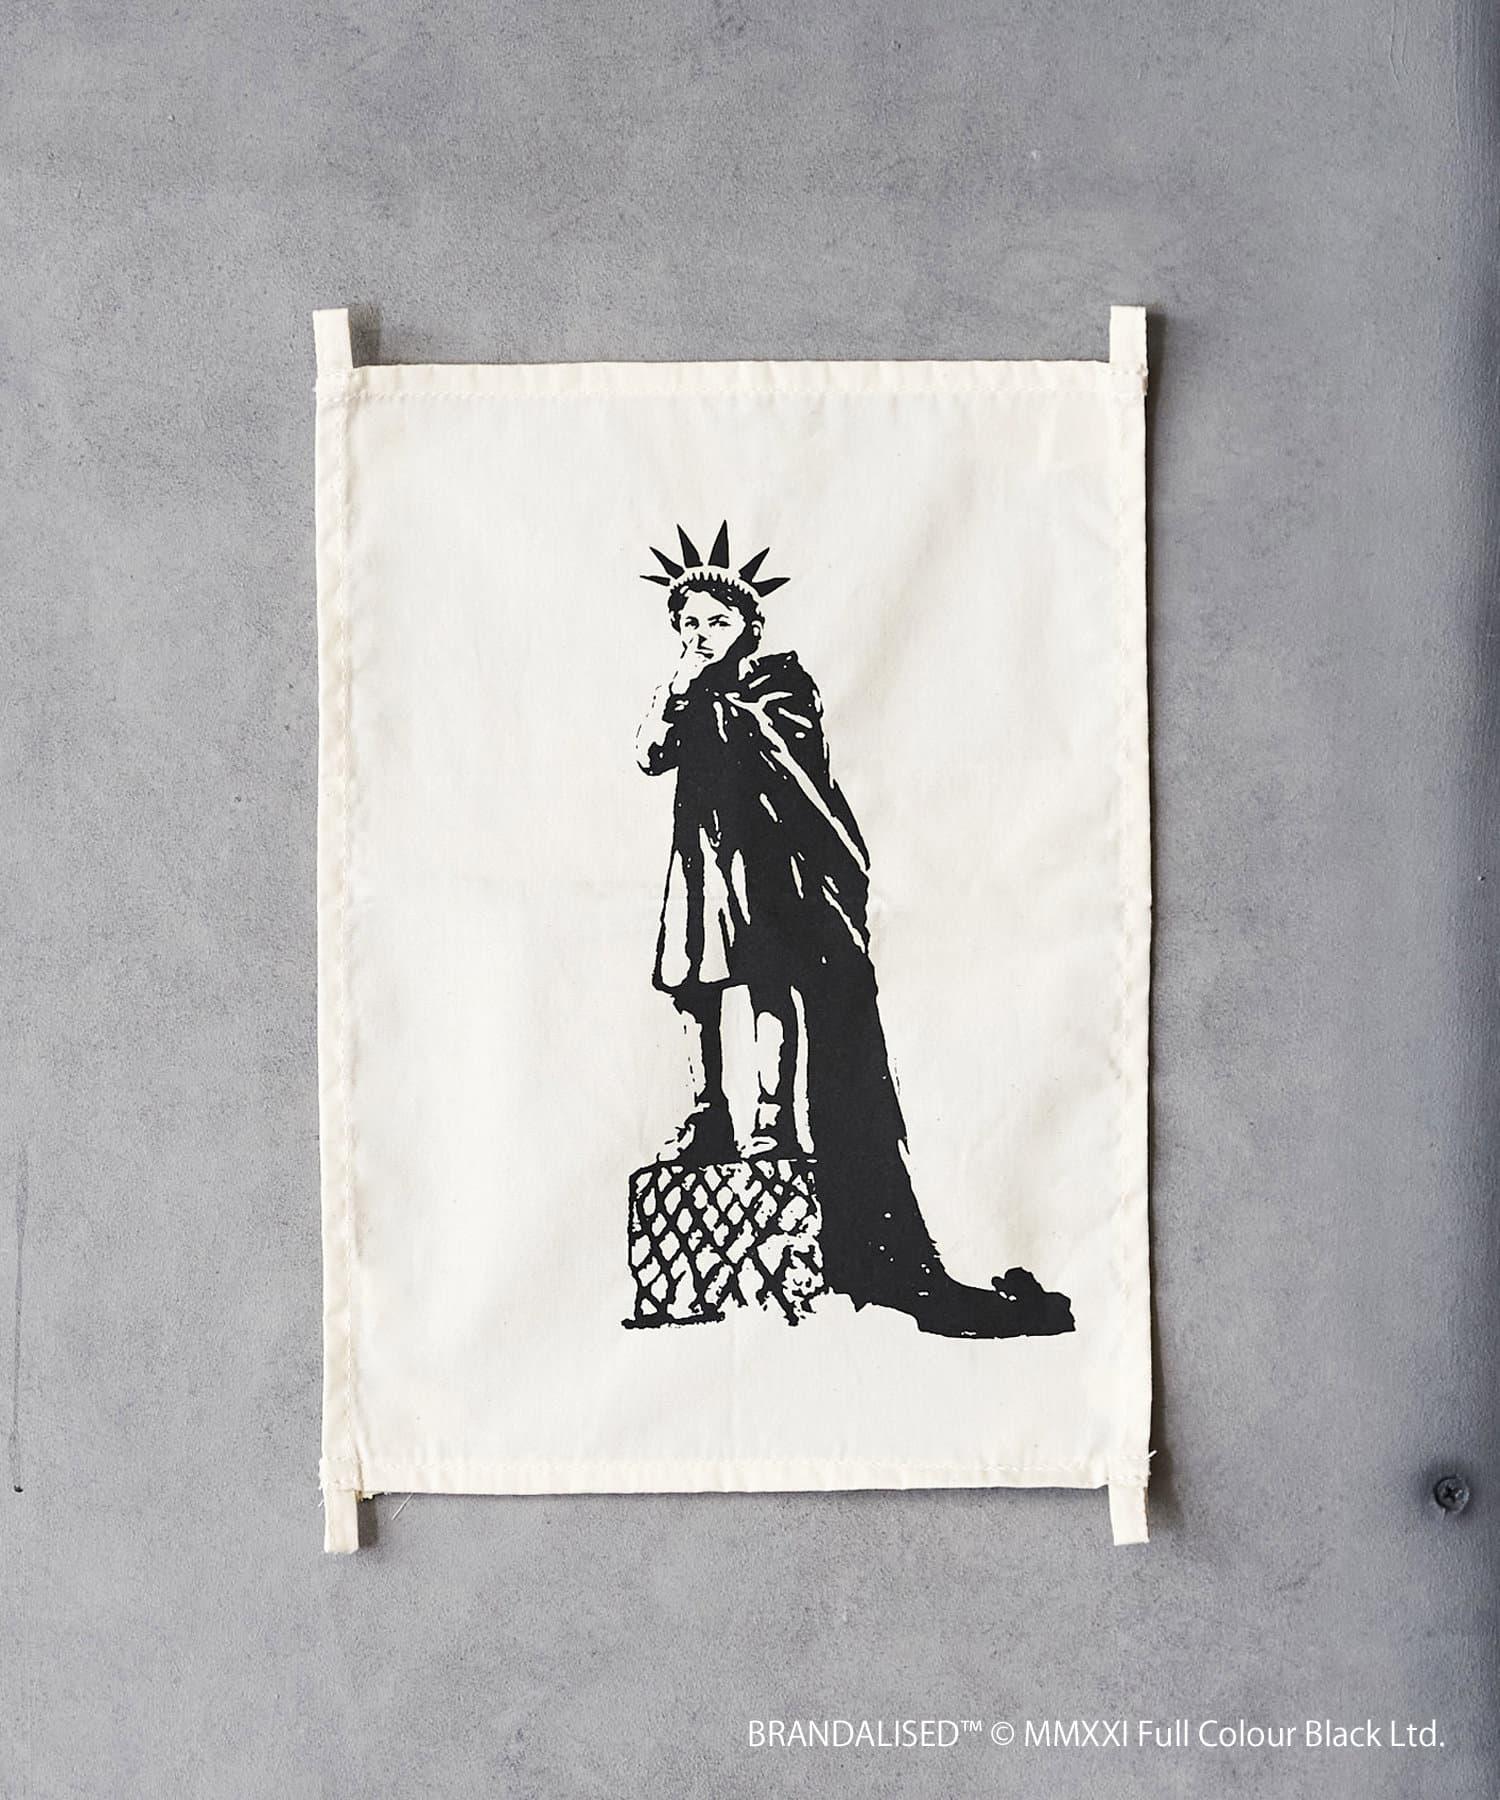 ASOKO(アソコ) ライフスタイル Banksy's Graffiti ファブリックポスター(S) その他1